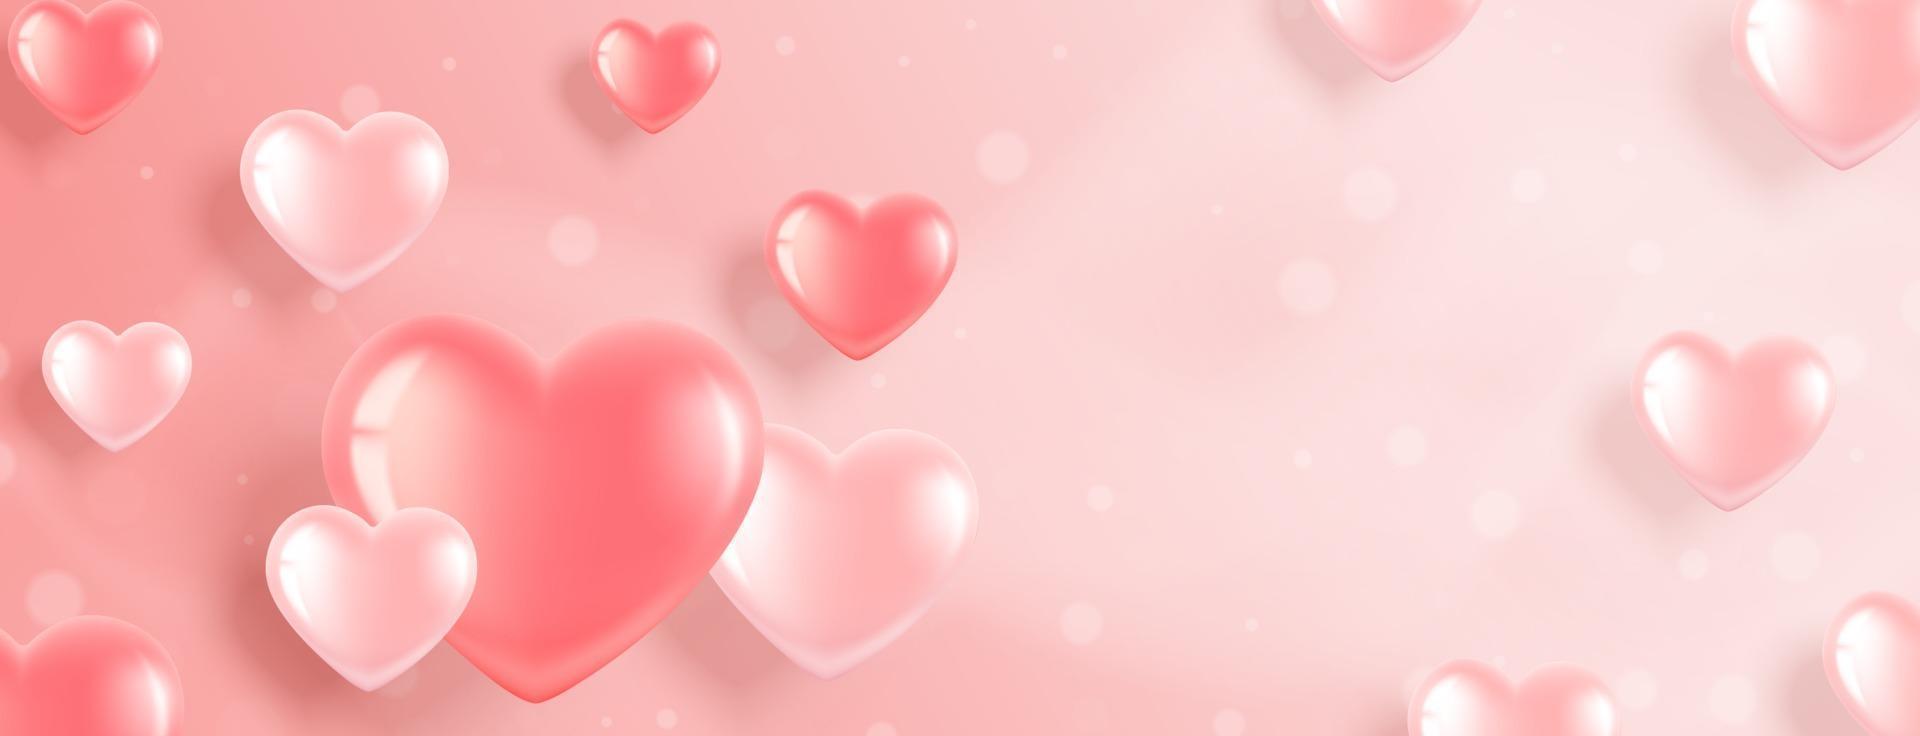 banner de san valentín con corazones rosas vector